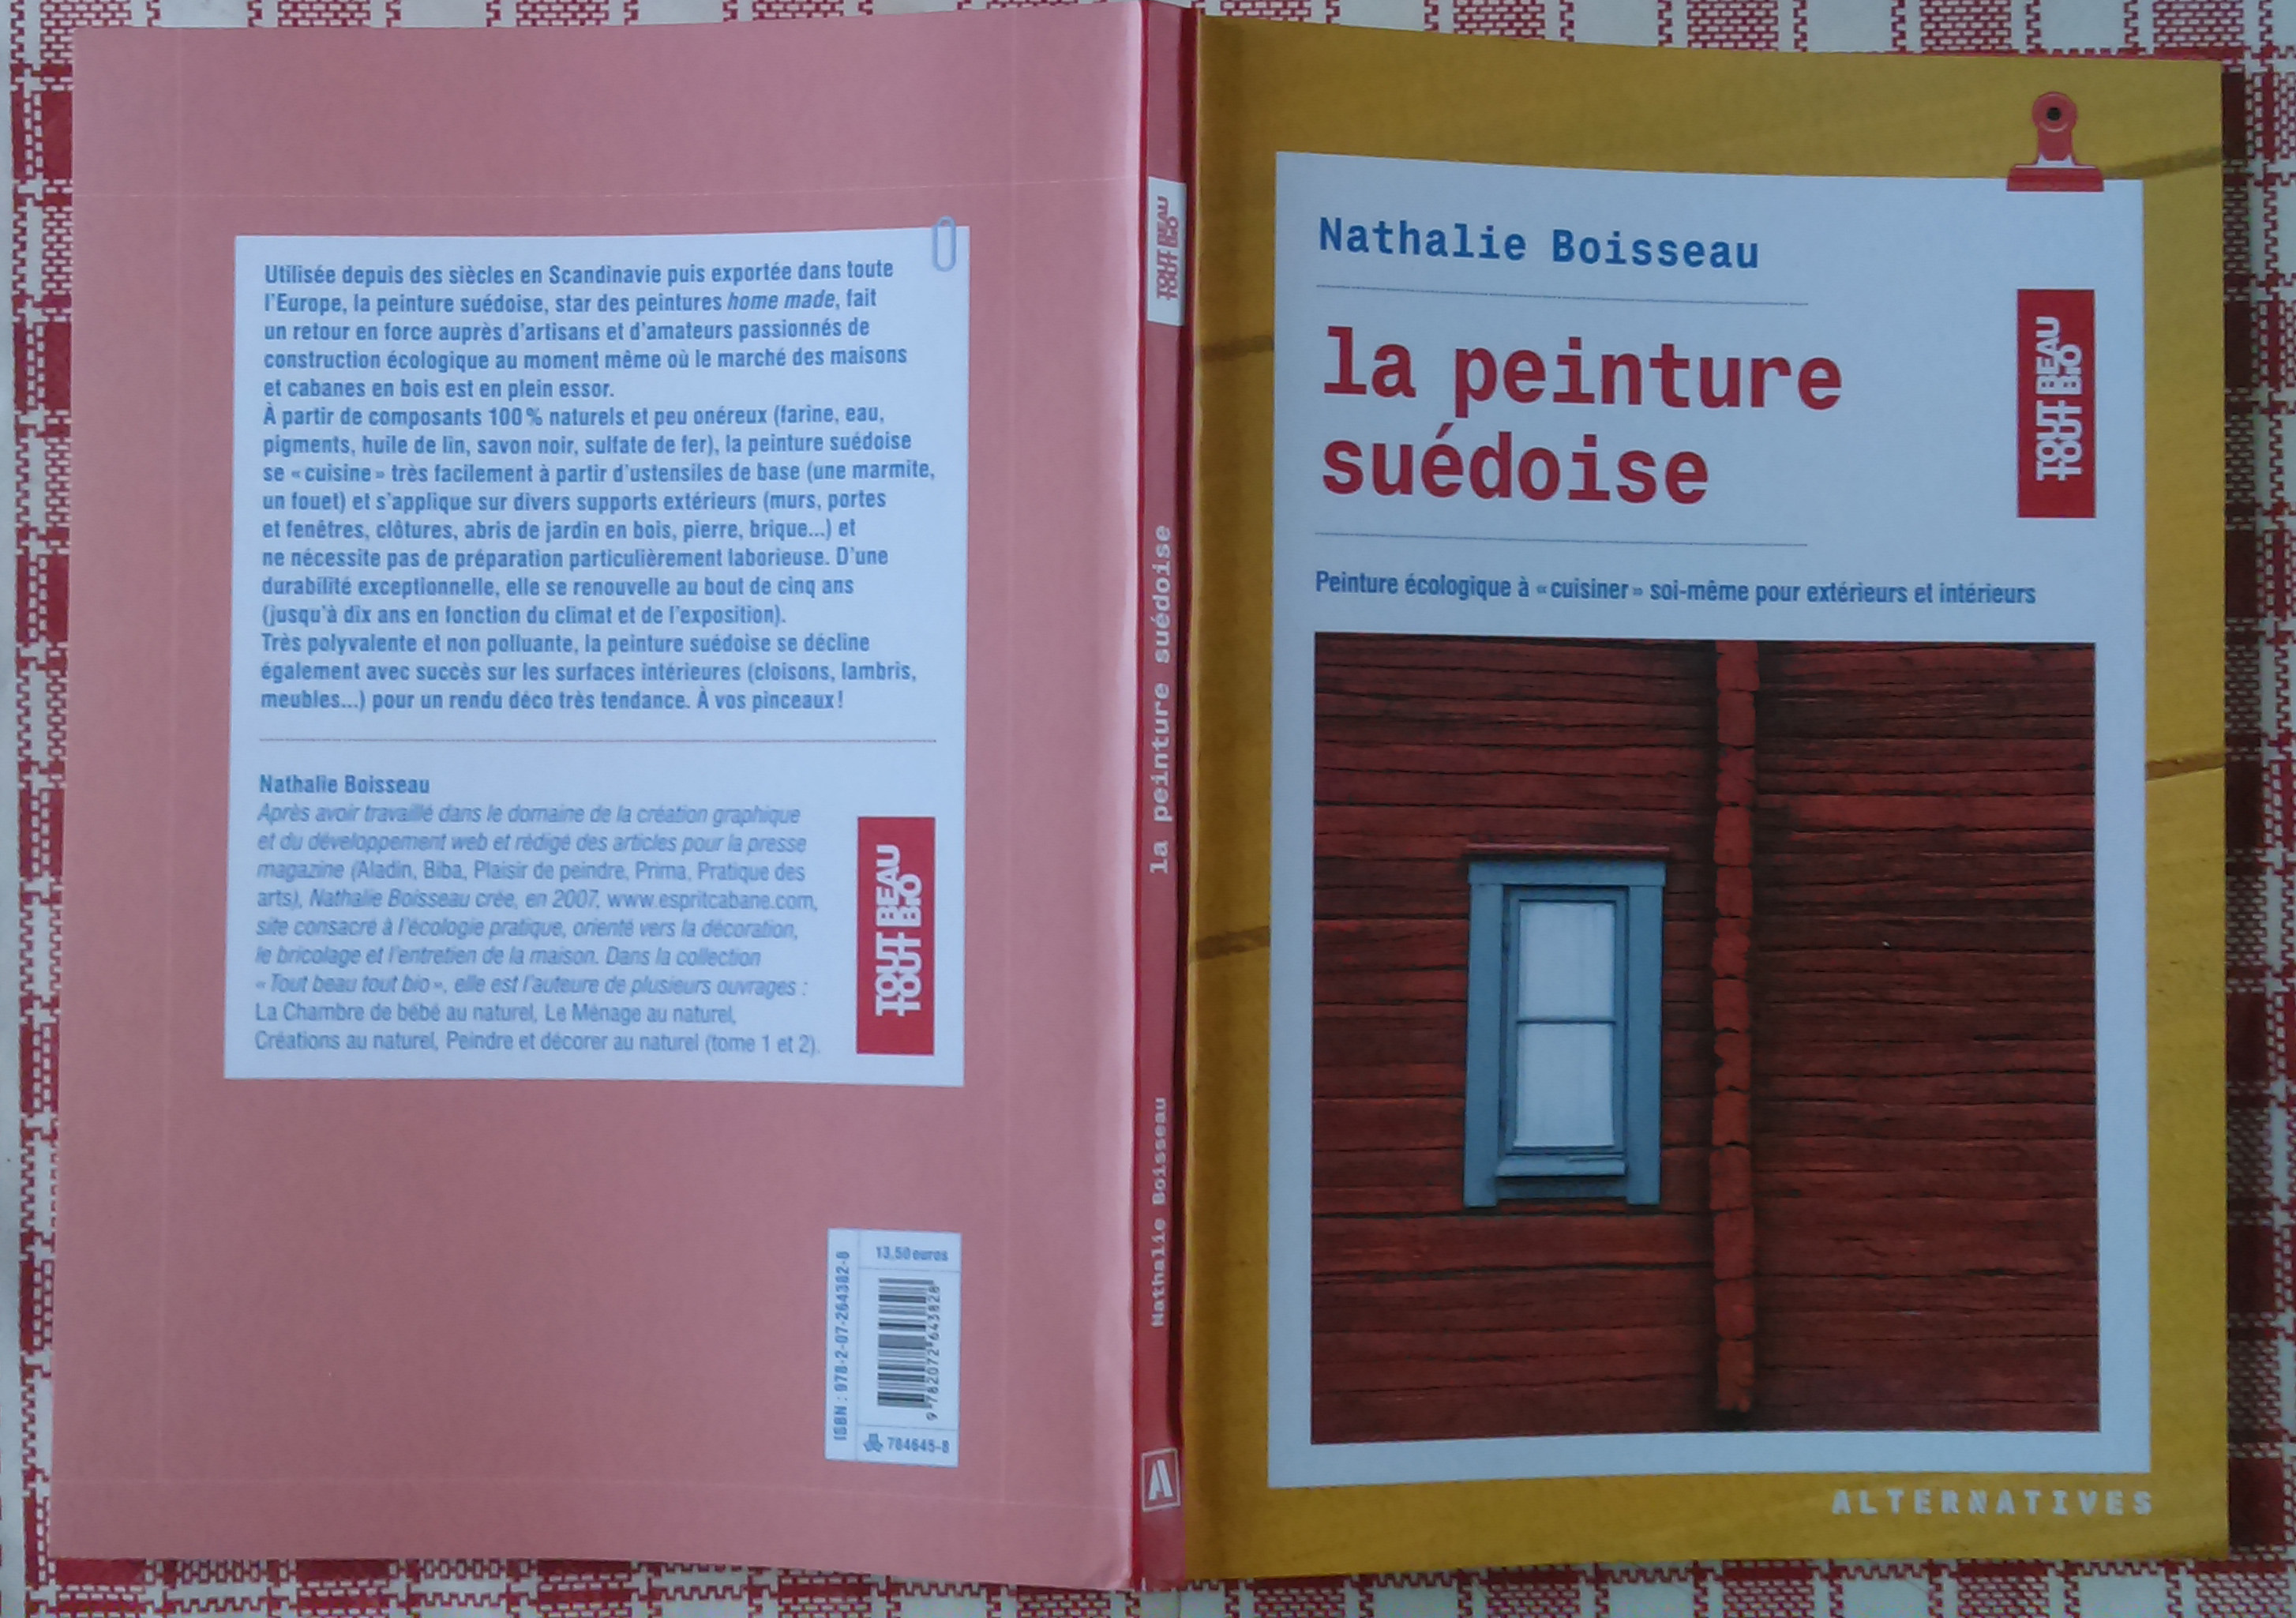 Voici un nouvel ouvrage de Nathalie, ce coup ci elle s'attaque à la peinture à la farine, dite peinture suèdoise, dont nous avions déjà exposé la recette. Nathalie a rassemblé...